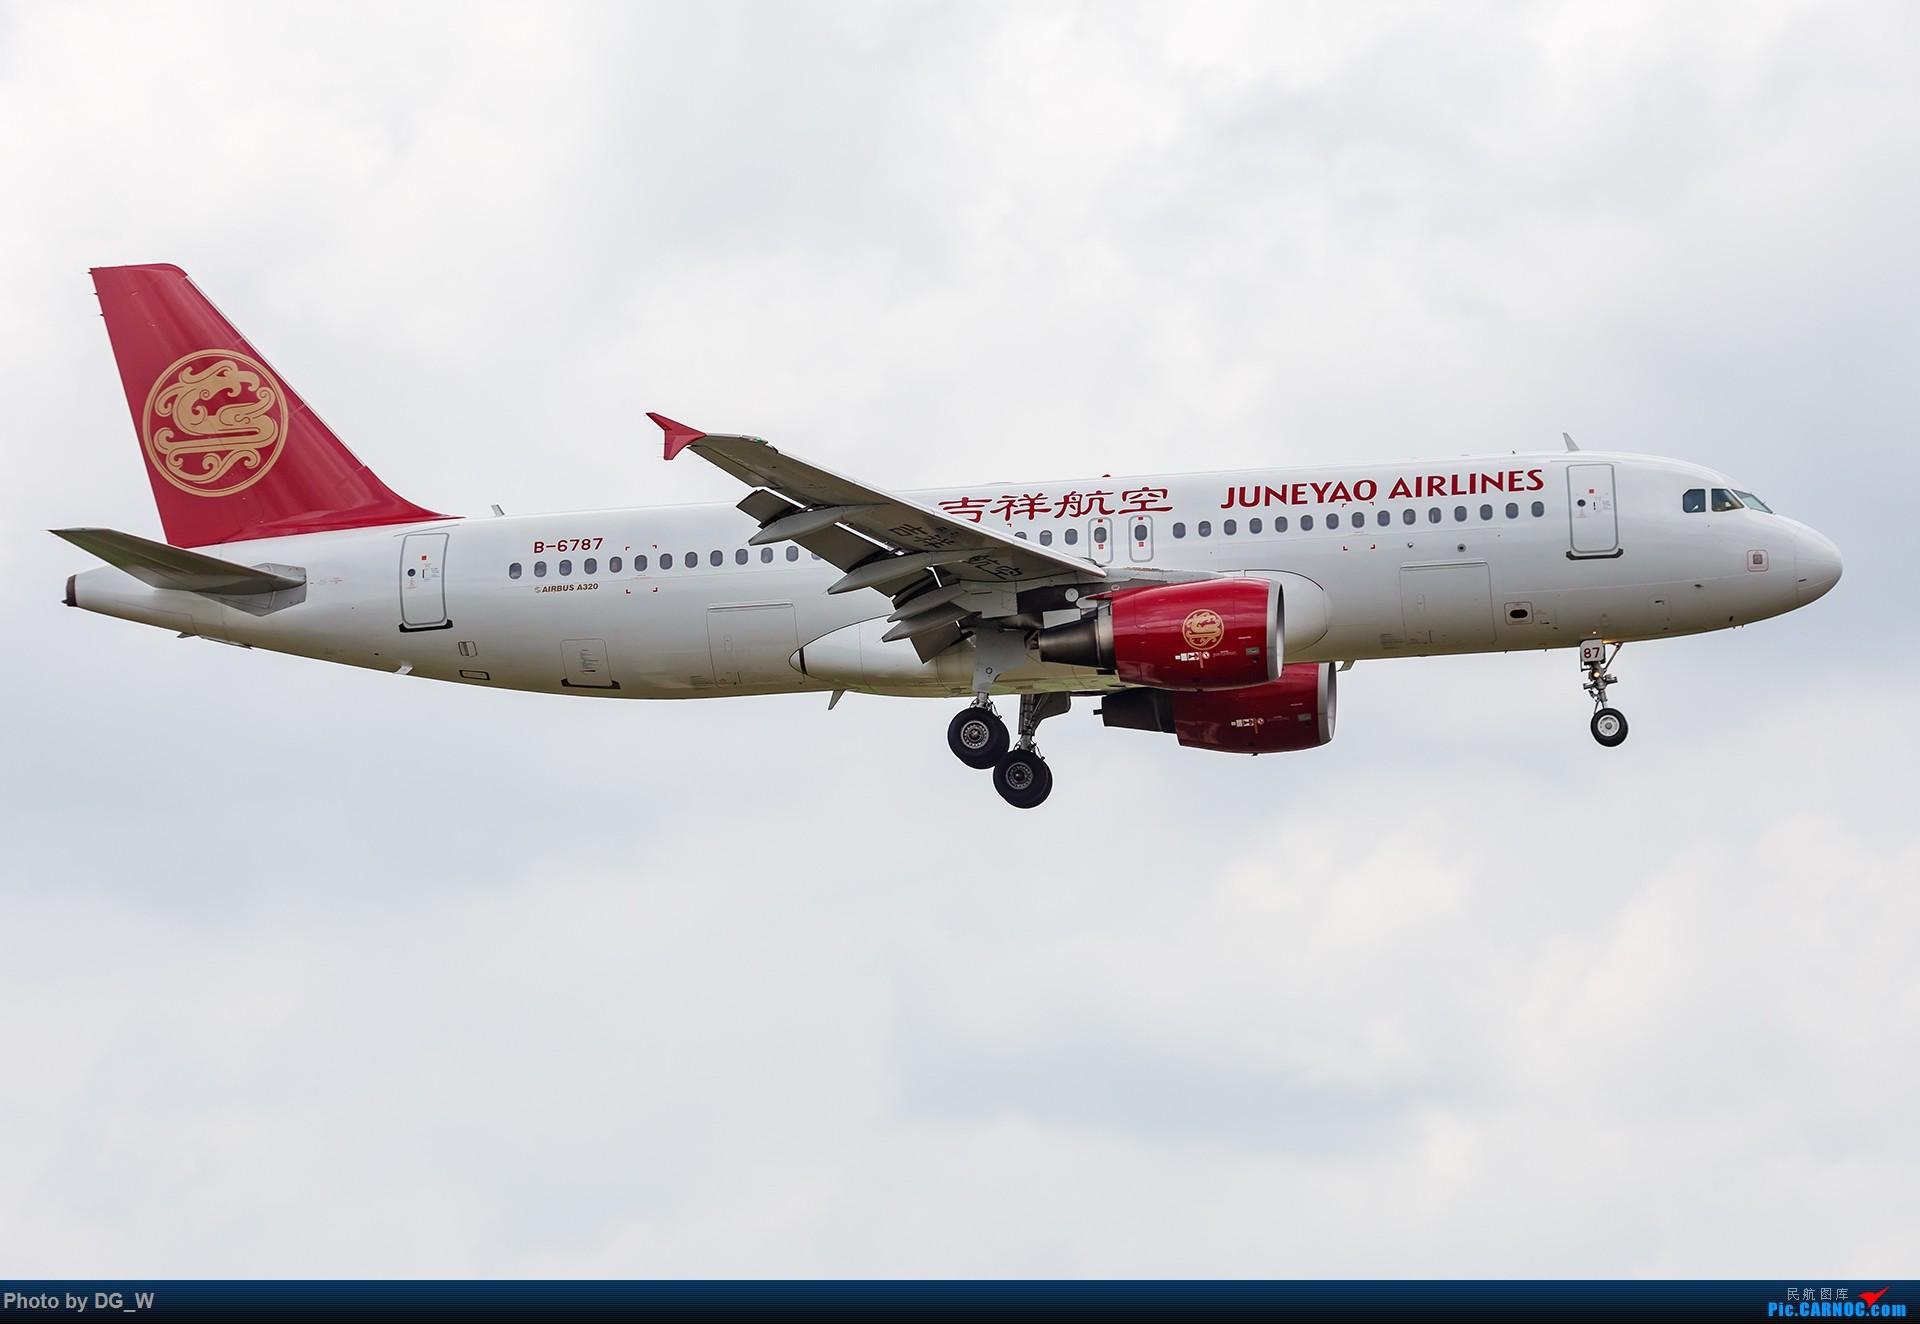 [原创]【南宁飞友】邂逅国内航司唯一的787BBJ AIRBUS A320-200 B-6787 中国南宁吴圩国际机场